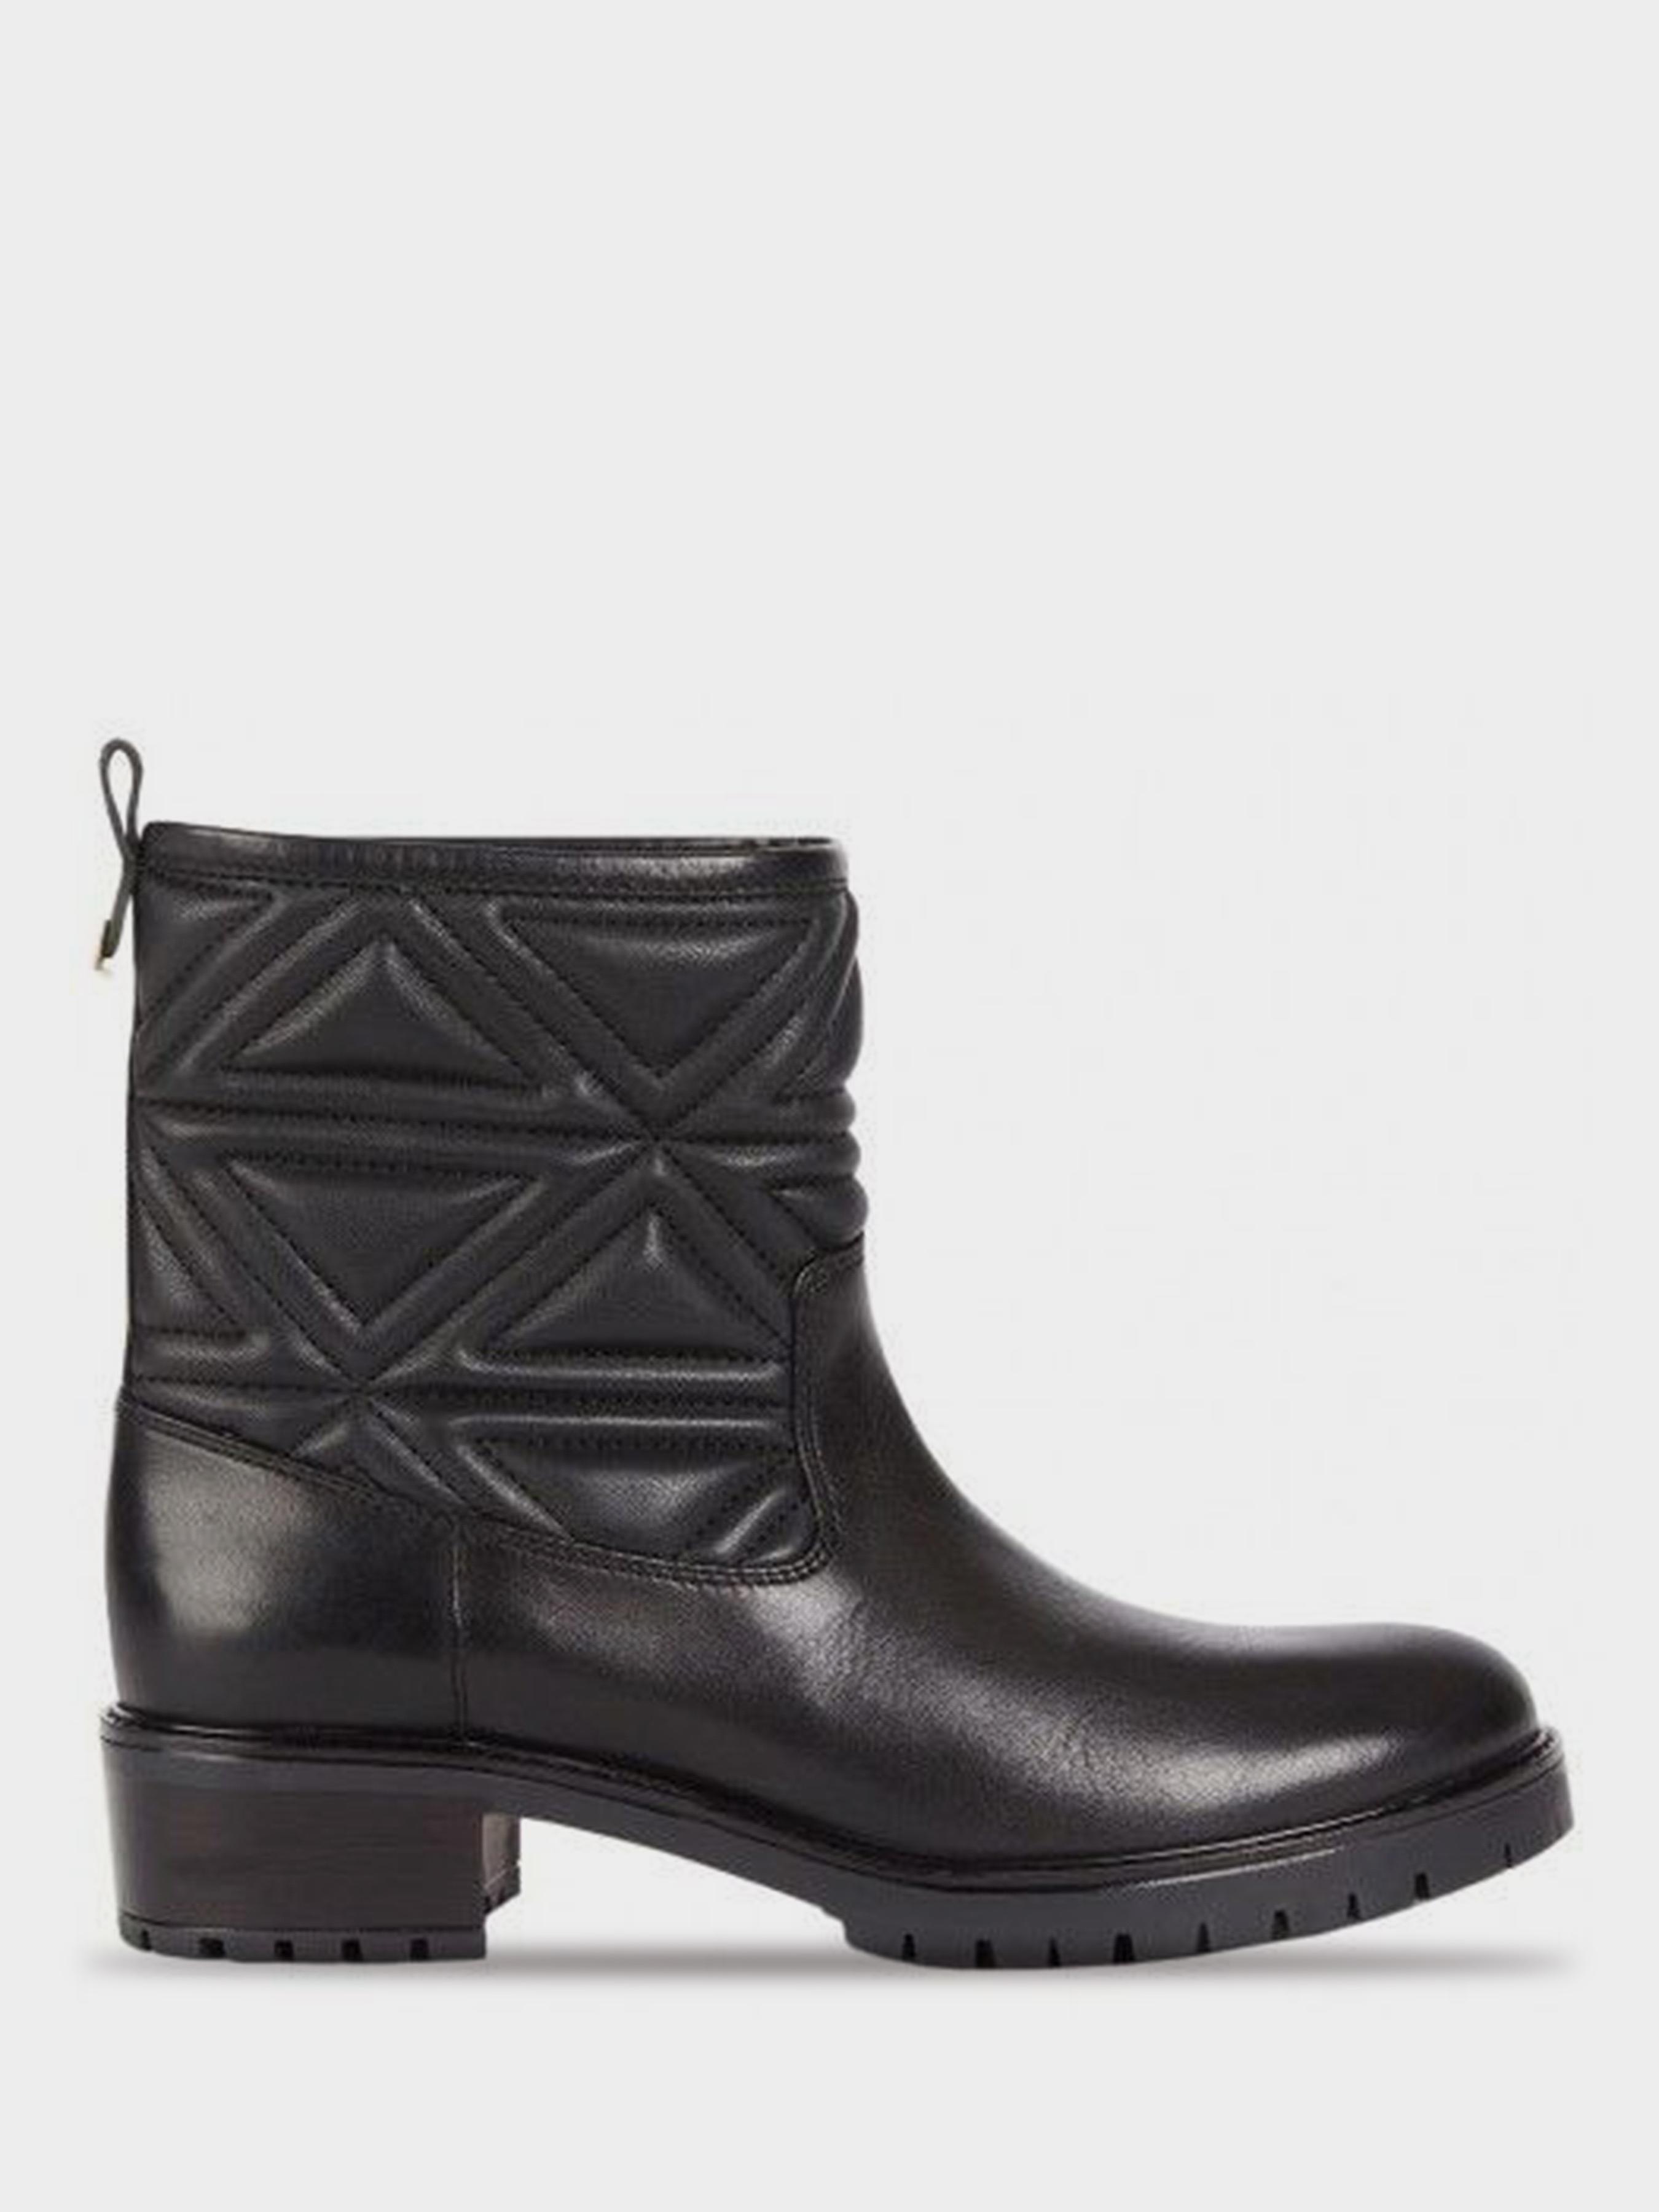 Купить Ботинки для женщин Emporio Armani WOMAN LEATHER BOOT 5R75, Черный